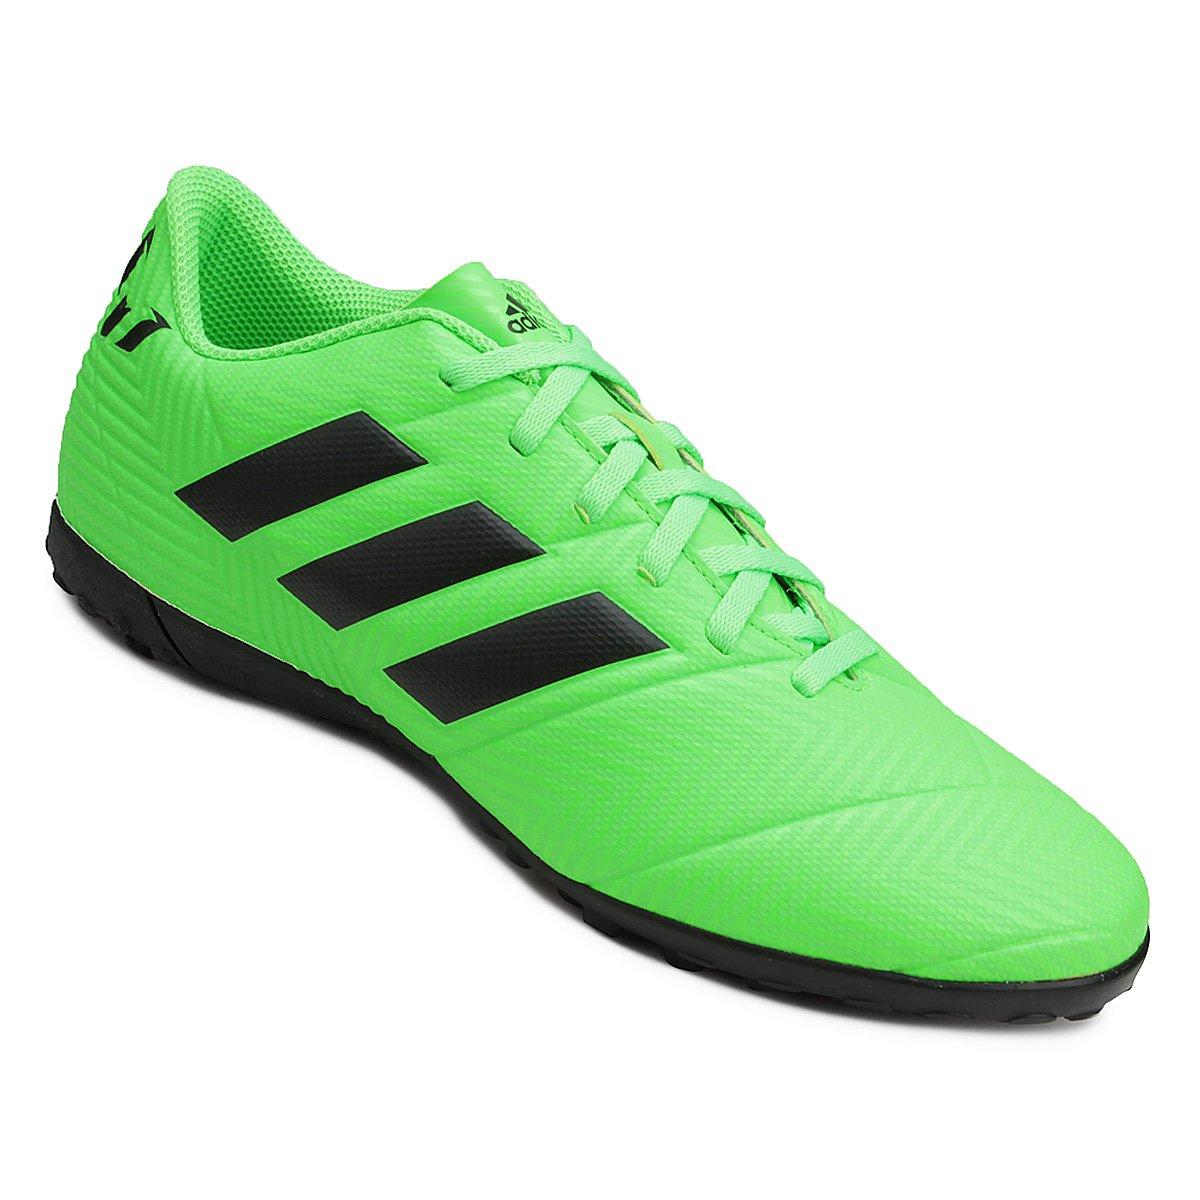 4ad52581209bb Chuteira Society Adidas Nemeziz Messi Tan 18 4 TF   São Paulo Mania